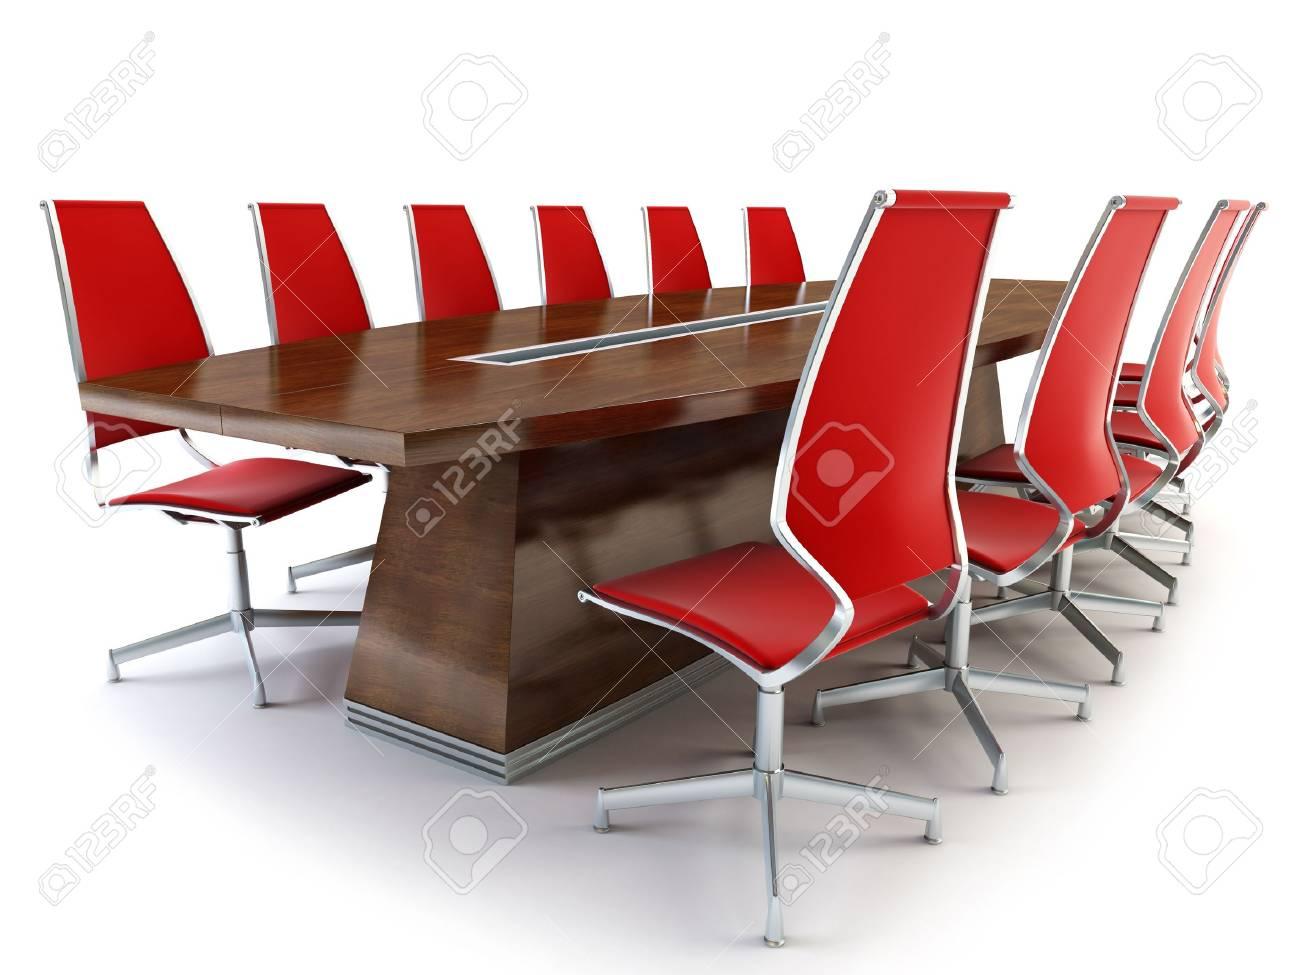 Sala riunioni con tavolo e sedie d rendering su sfondo bianco